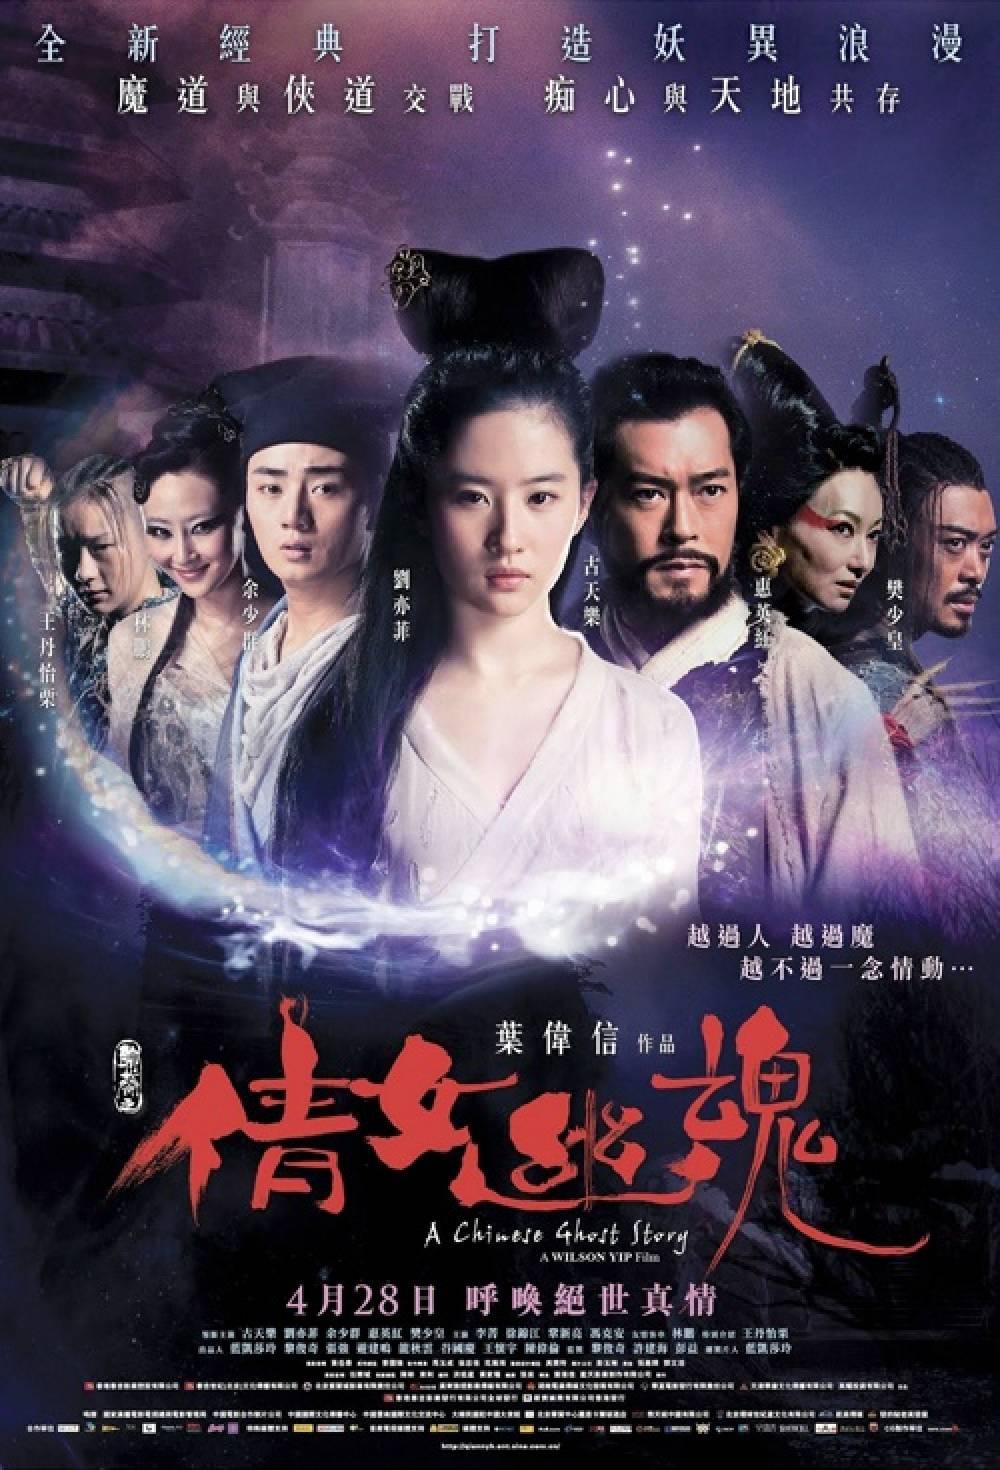 Chinese Movie Speak Khmer 2016 - Chinese Movie Full - YouTube